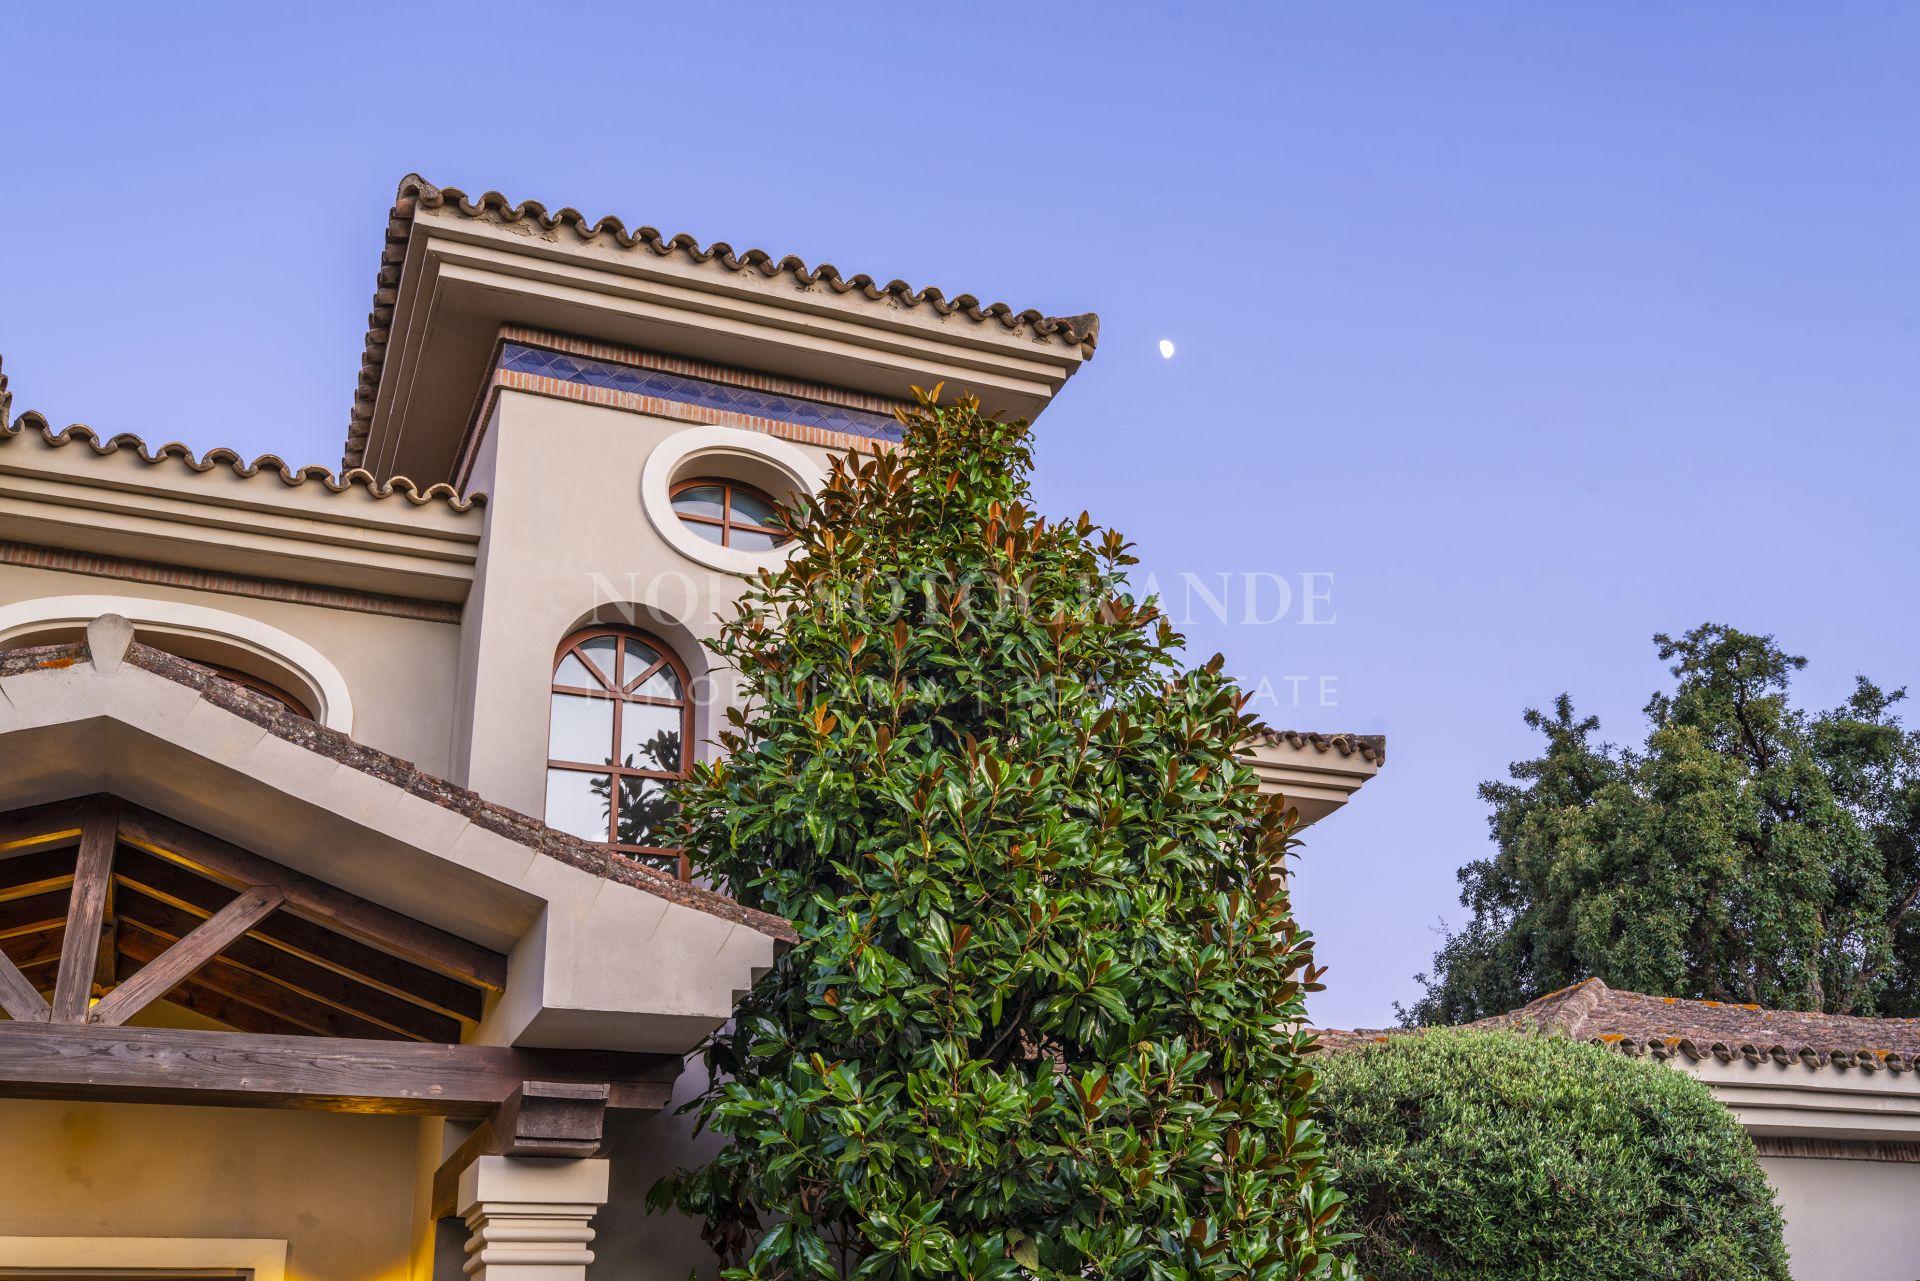 Villa in erster Linie zum Valderrama Golfplatz in Sotogrande